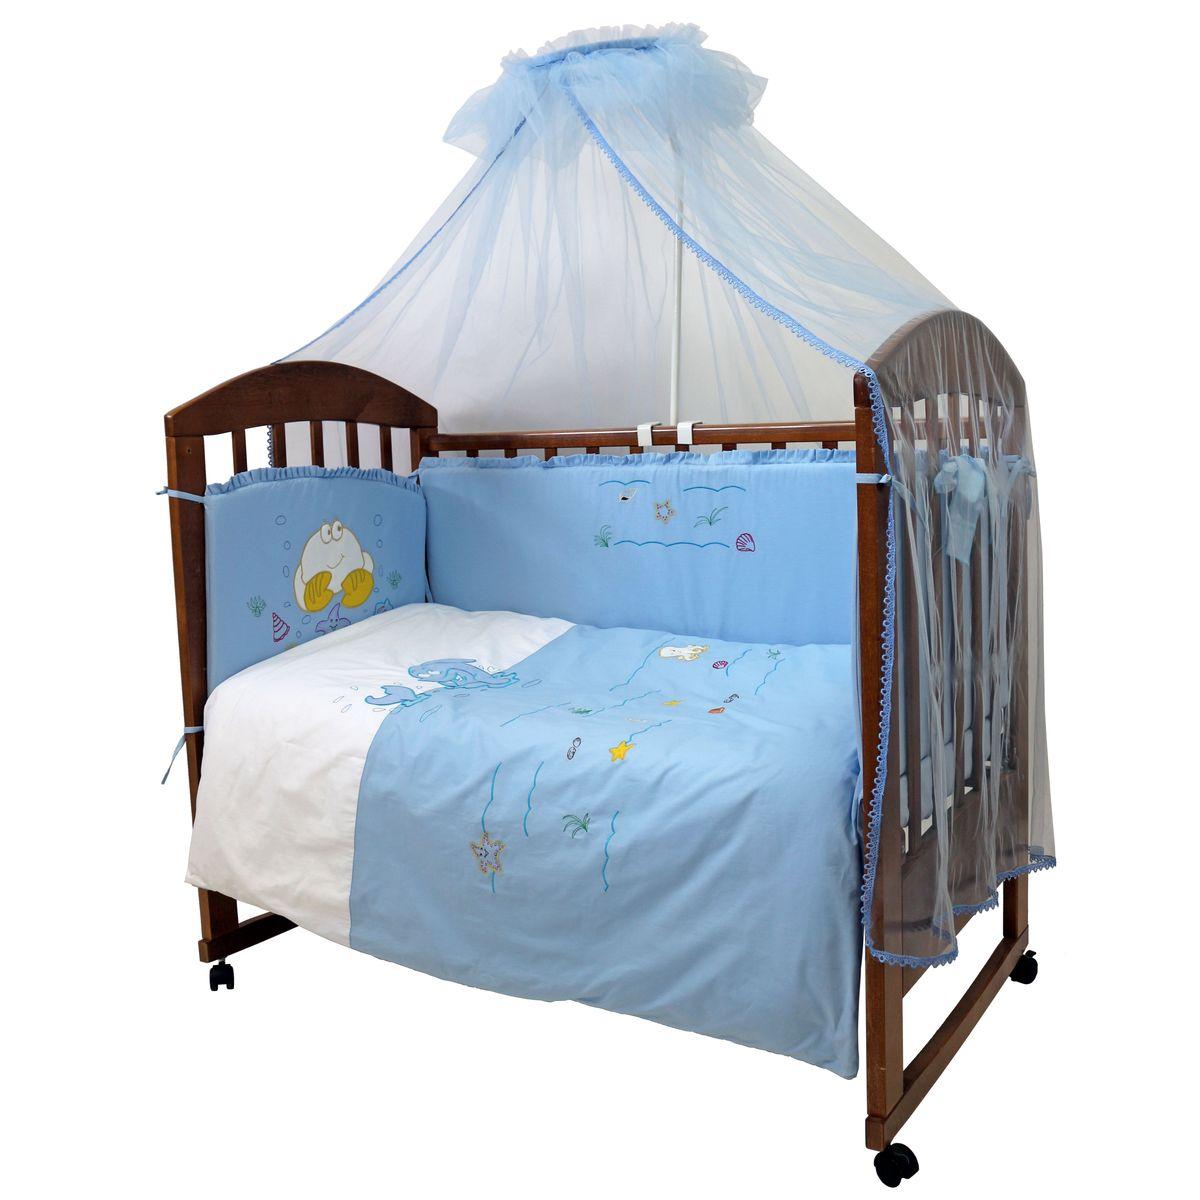 Топотушки Комплект детского постельного белья На волне цвет голубой 7 предметовS03301004Комплект постельного белья из 7 предметов включает все необходимые элементы для детской кроватки. Комплект создает для Вашего ребенка уют, комфорт и безопасную среду с рождения; современный дизайн и цветовые сочетания помогают ребенку адаптироваться в новом для него мире. Комплекты «Топотушки» хорошо вписываются в интерьер как детской комнаты, так и спальни родителей. Как и все изделия «Топотушки» данный комплект отражает самые последние технологии, является безопасным для малыша и экологичным. Российское происхождение комплекта гарантирует стабильно высокое качество, соответствие актуальным пожеланиям потребителей, конкурентоспособную цену.Балдахин 3м (сетка); охранный бампер 360х40см. (из 4-х частей, наполнитель – холлофайбер); подушка 40х60см. (наполнитель – холлофайбер); одеяло 140х110см. (наполнитель – холлофайбер); наволочка 40х60см; пододеяльник 147х112см; простынь на резинке 120х60см